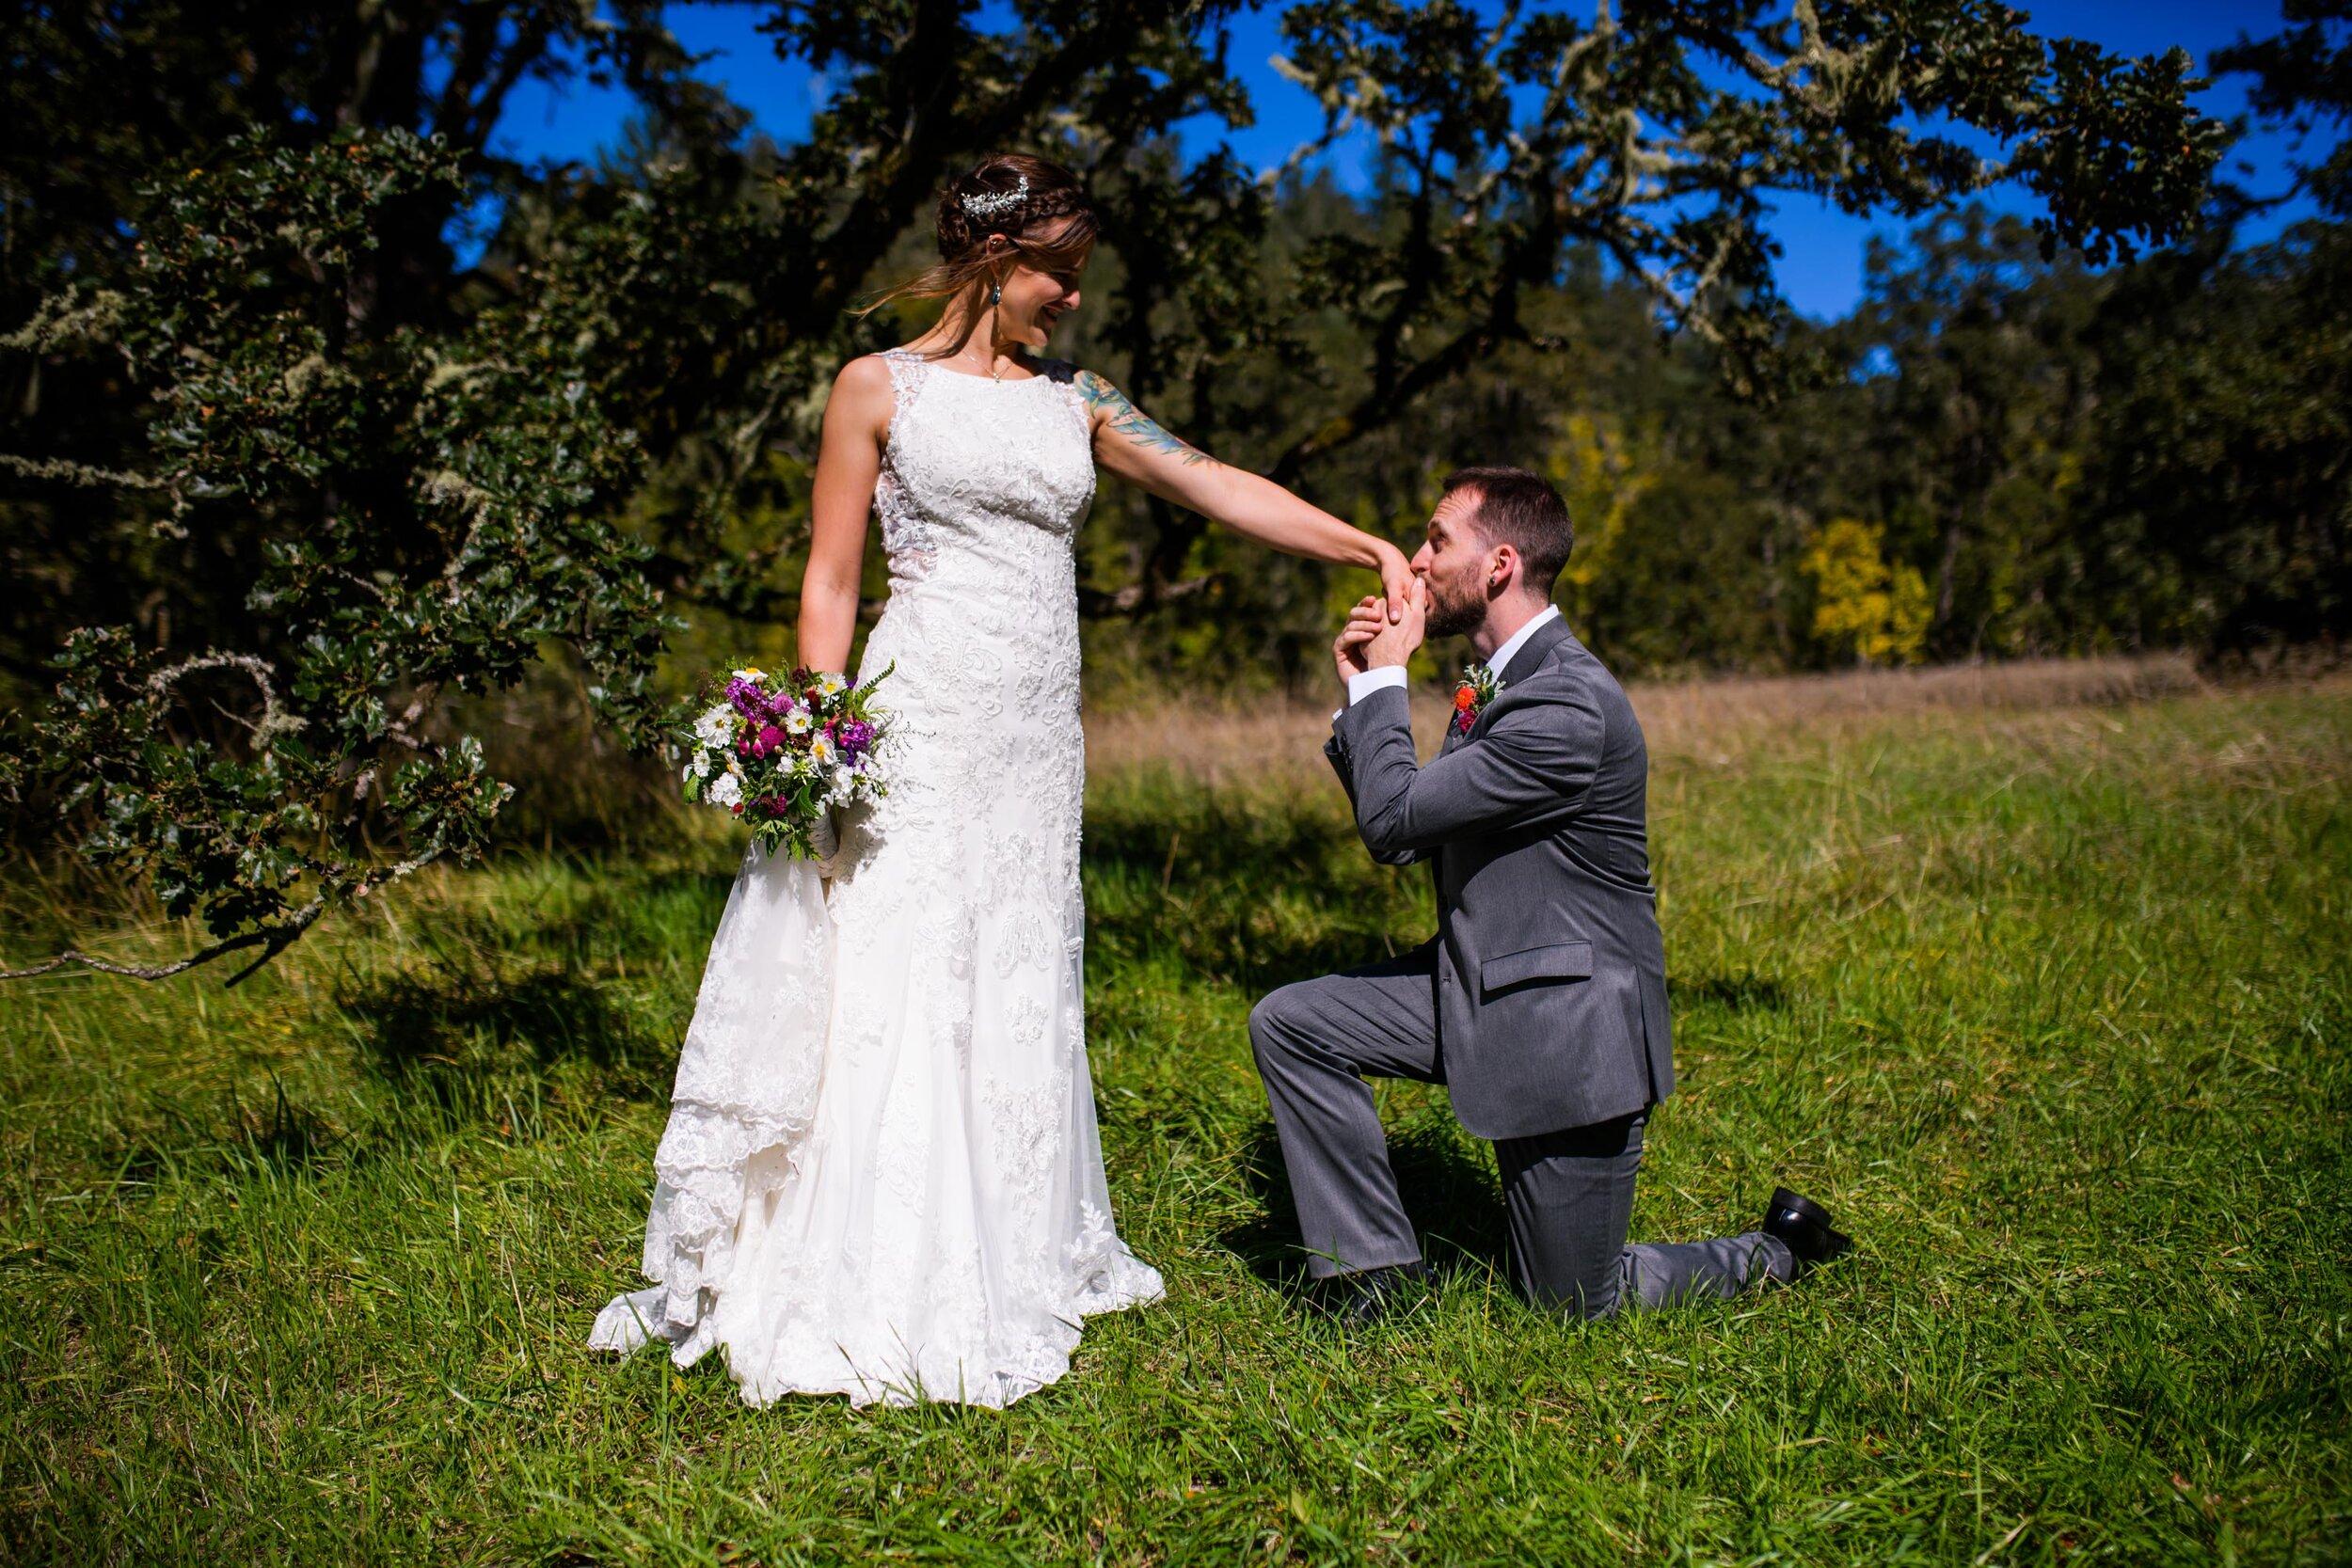 Mt. Pisgah Arboretum wedding photos 40.JPG